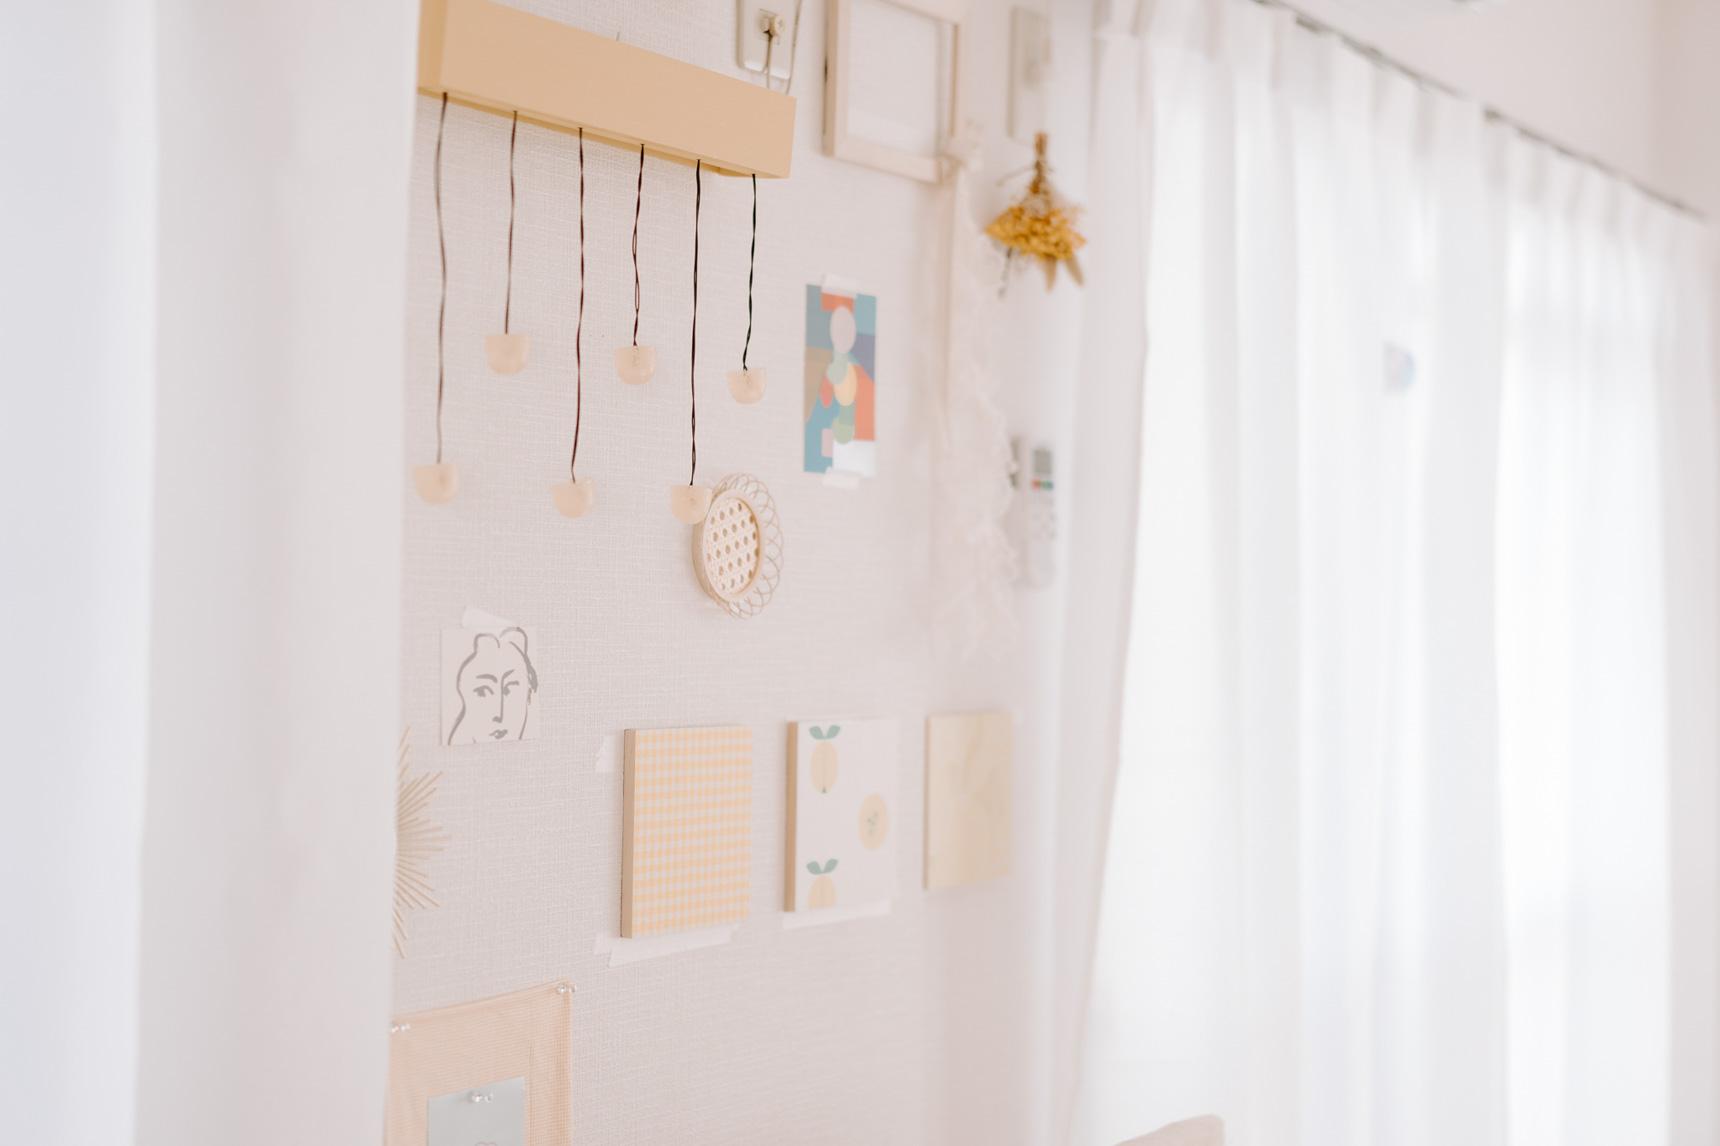 ファブリックパネルやお気に入りのボンボンライトも、部屋のテーマカラーに合うものを。